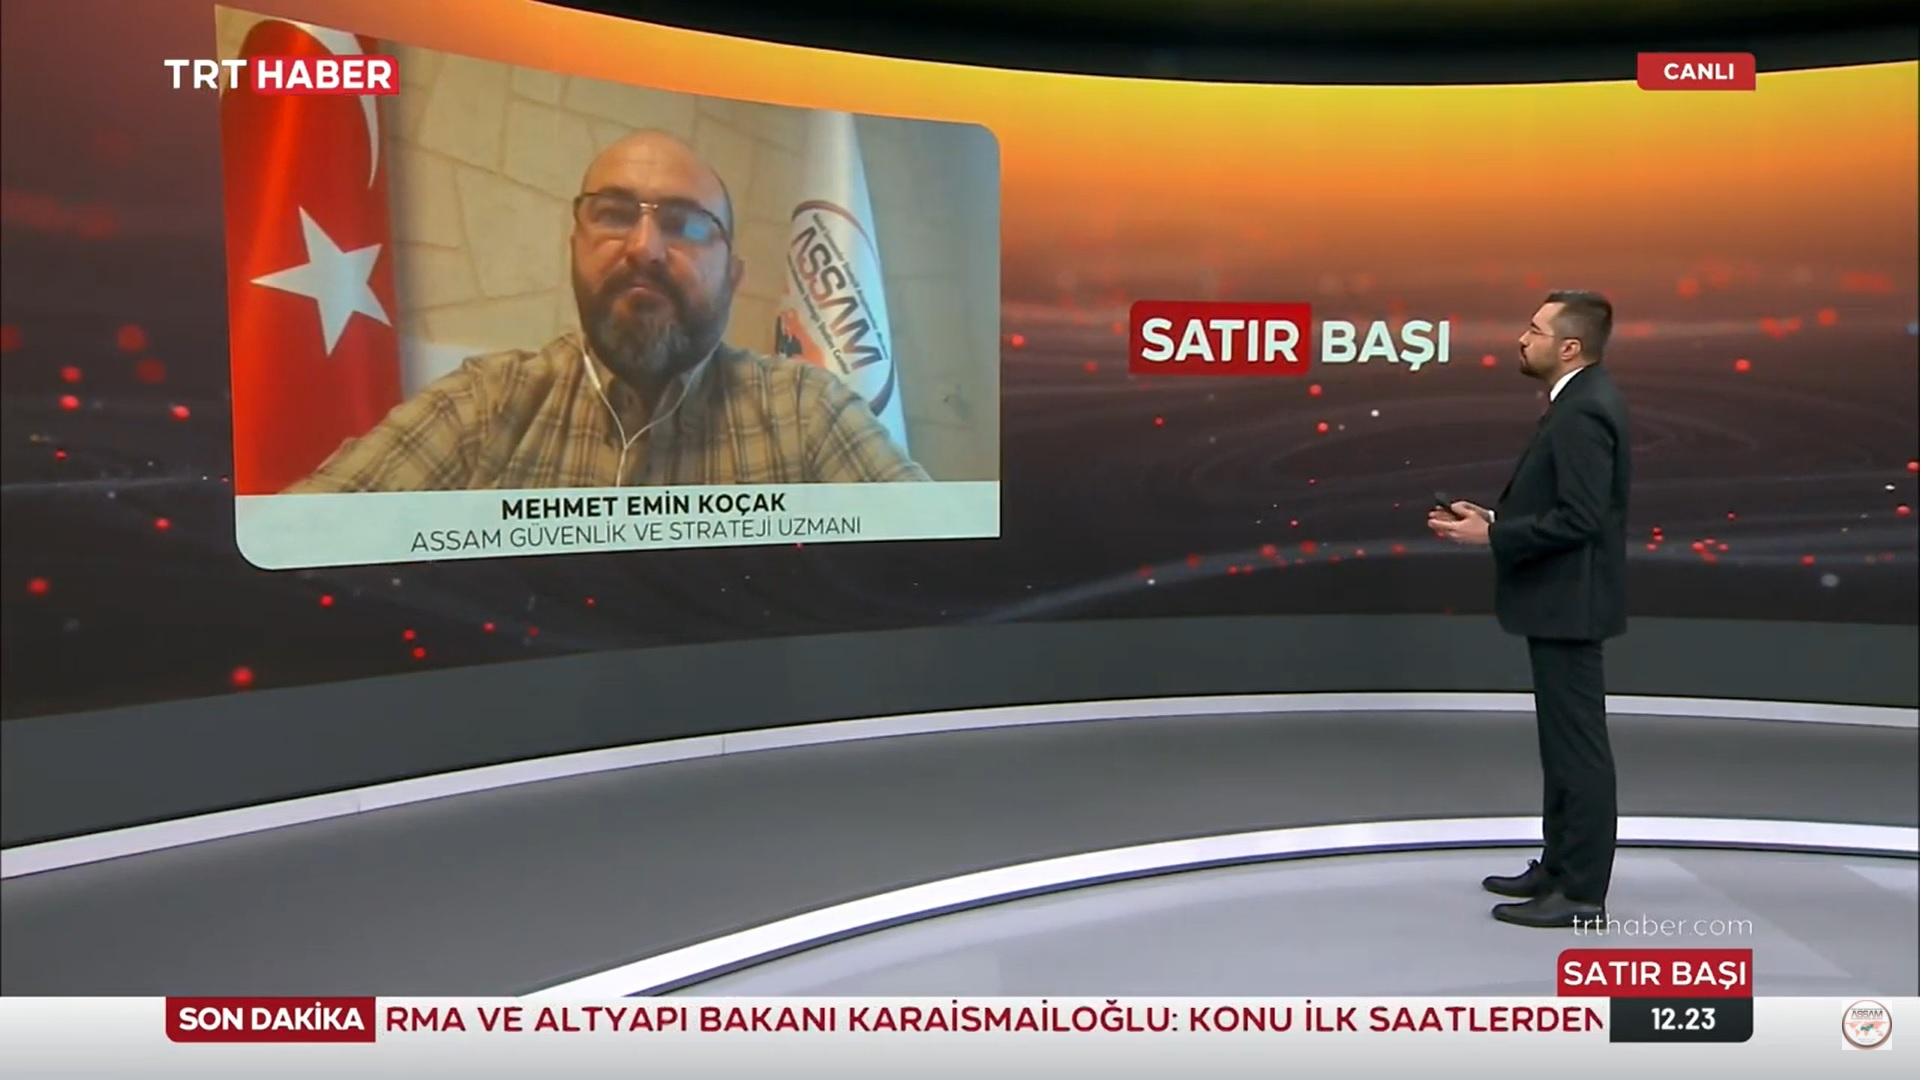 ASSAM Başkan Yardımcısı Mehmet Emin KOÇAK TRT Haber-Satır Başı Programı